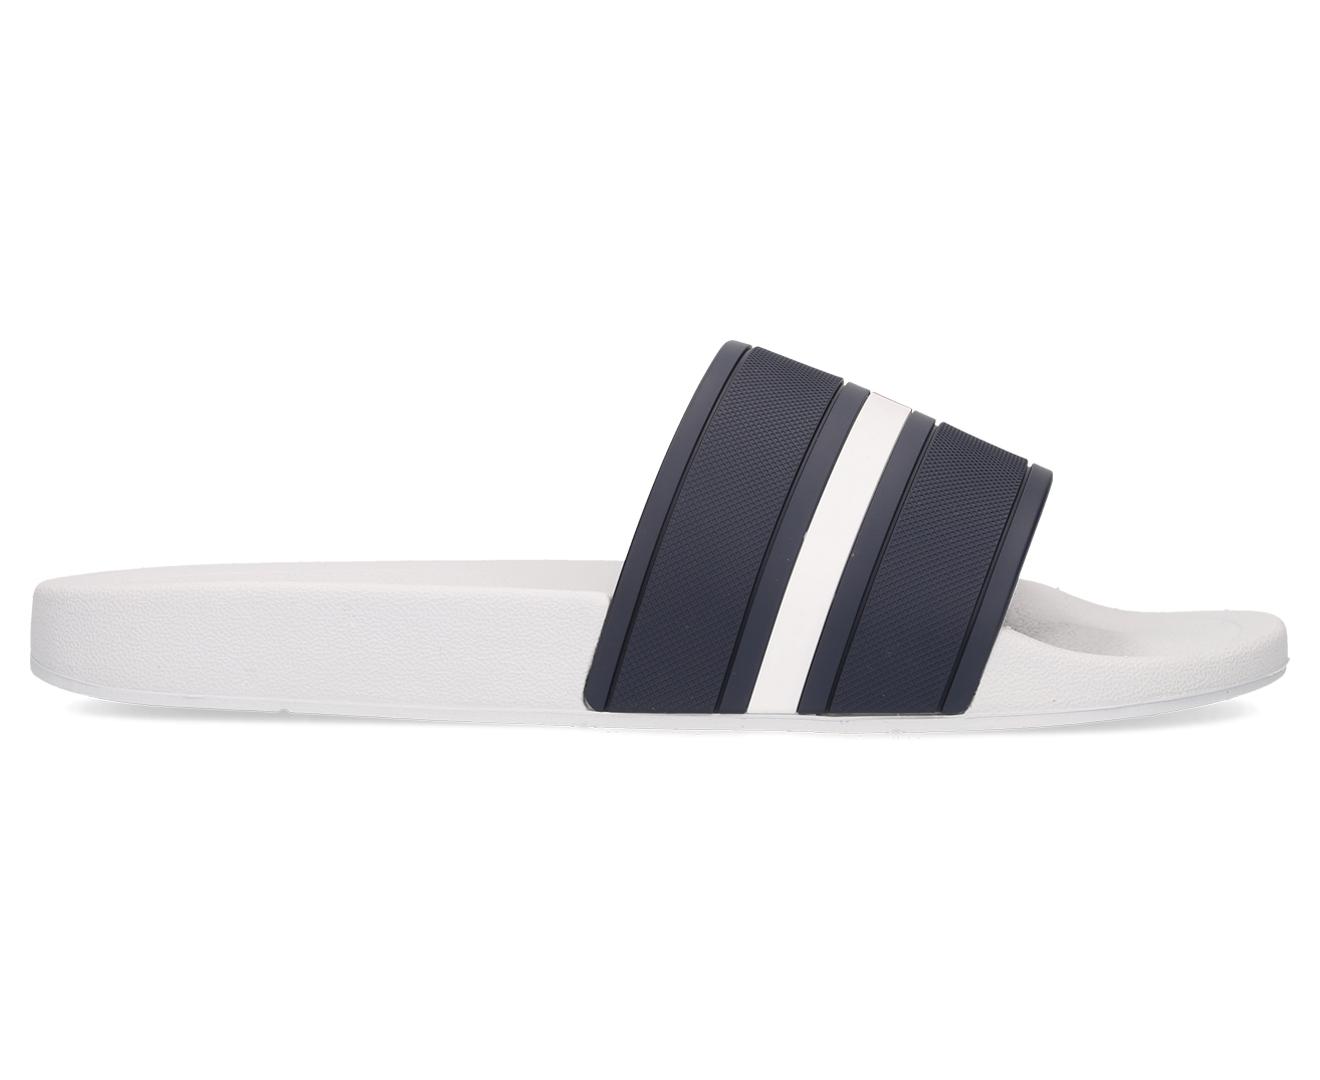 766cb8aa4756 Tommy Hilfiger Unisex Ennis Slide Sandal - White Multi